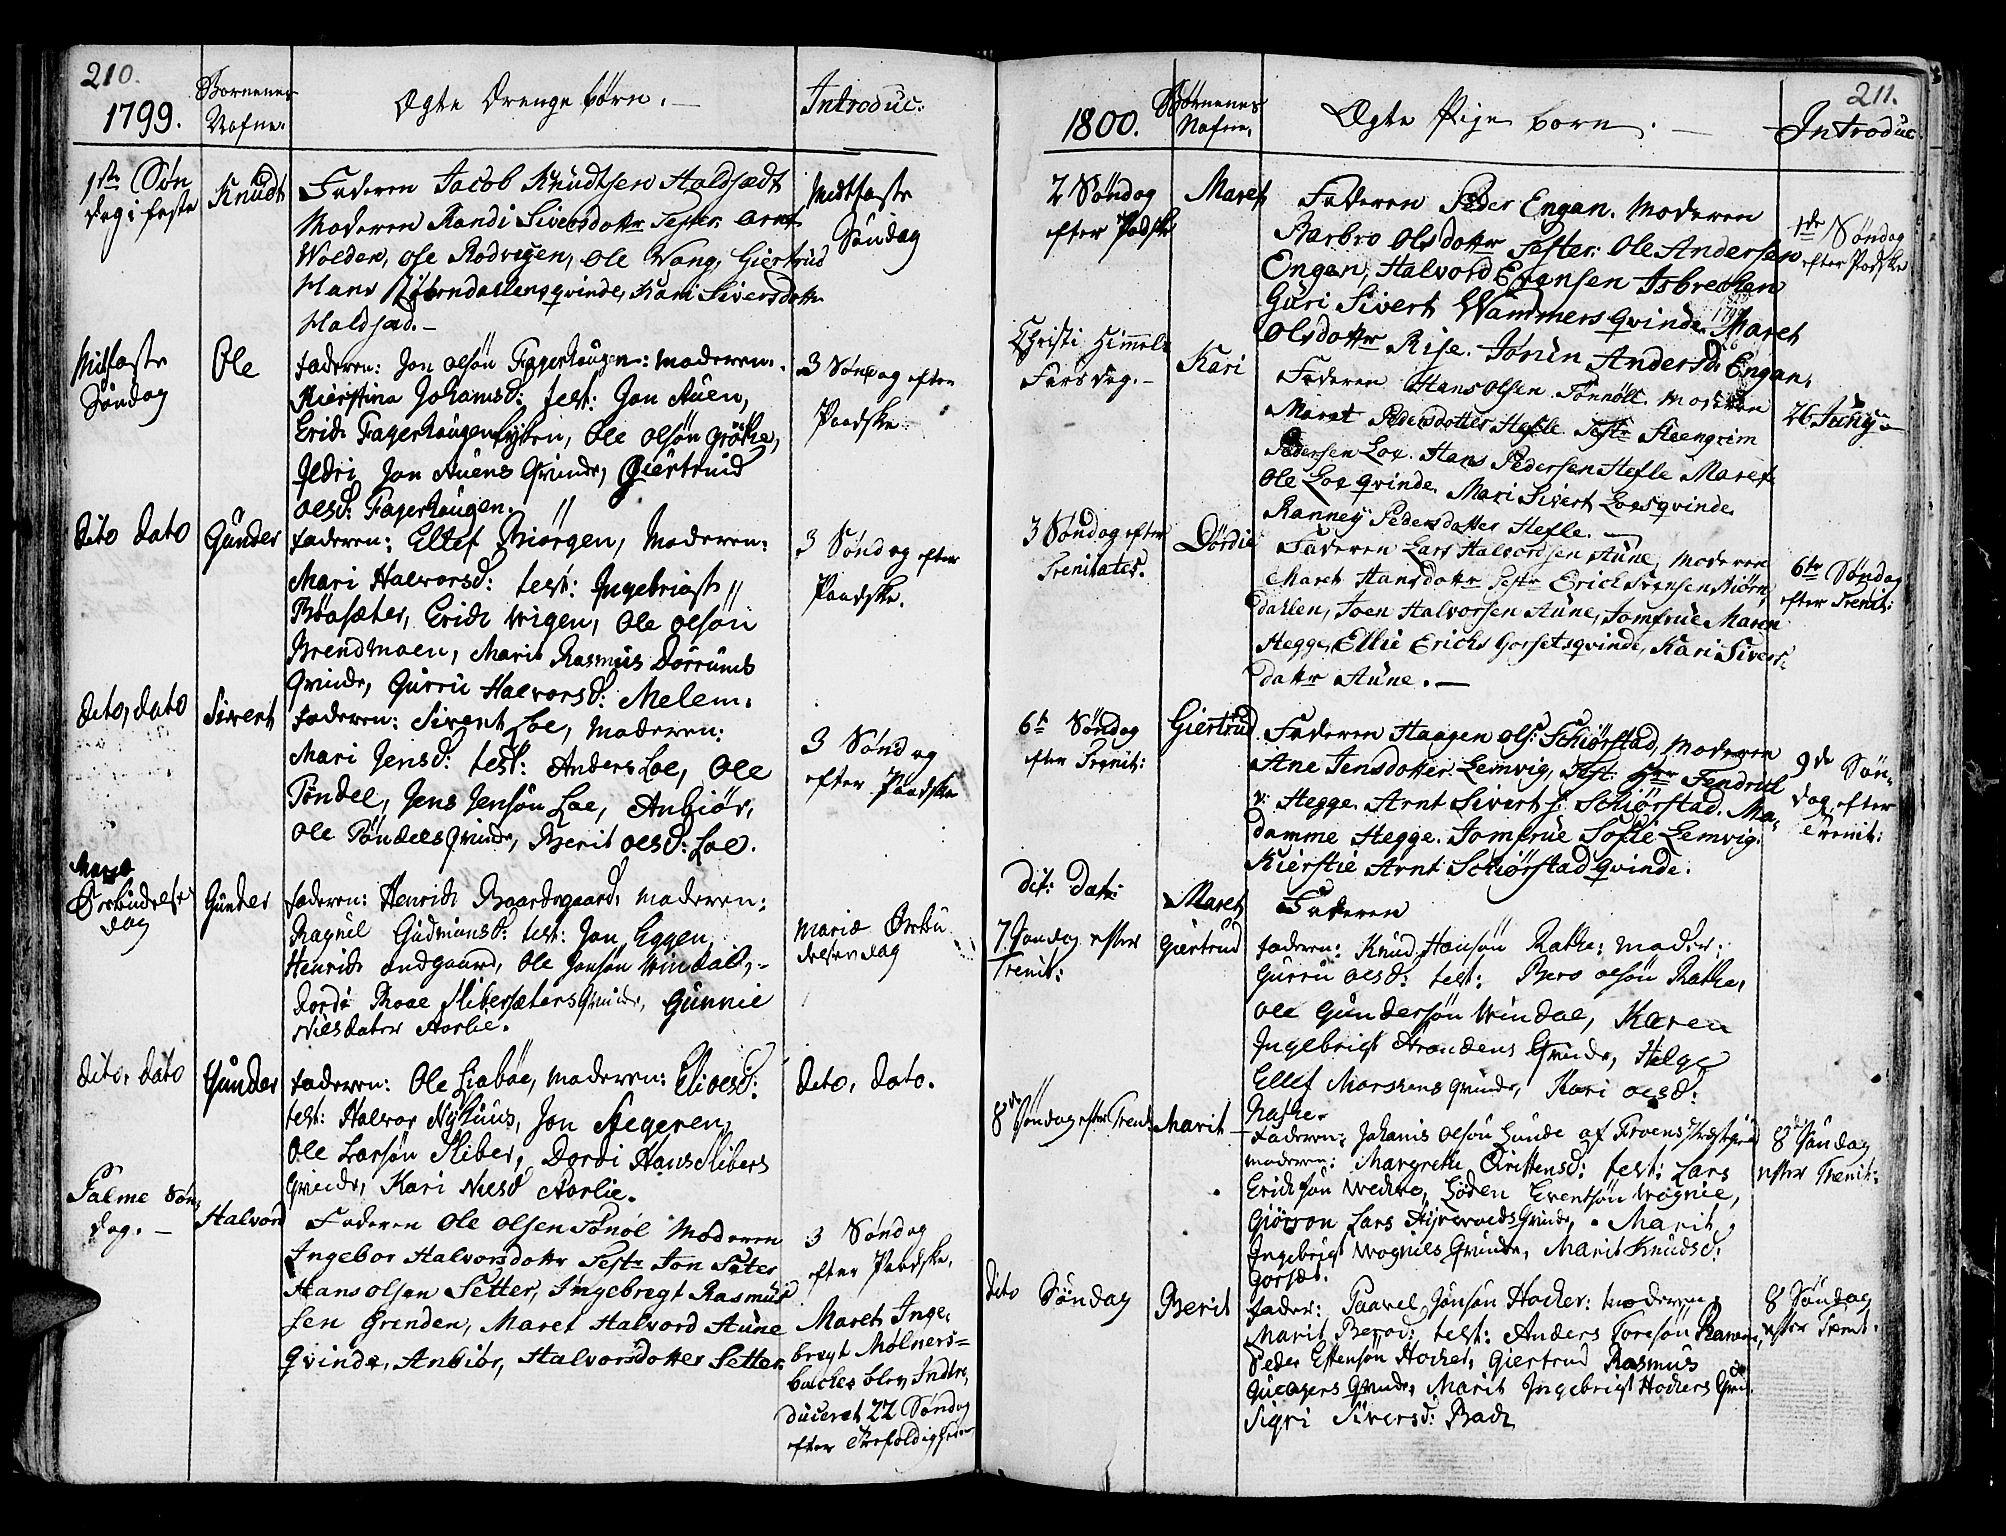 SAT, Ministerialprotokoller, klokkerbøker og fødselsregistre - Sør-Trøndelag, 678/L0893: Ministerialbok nr. 678A03, 1792-1805, s. 210-211